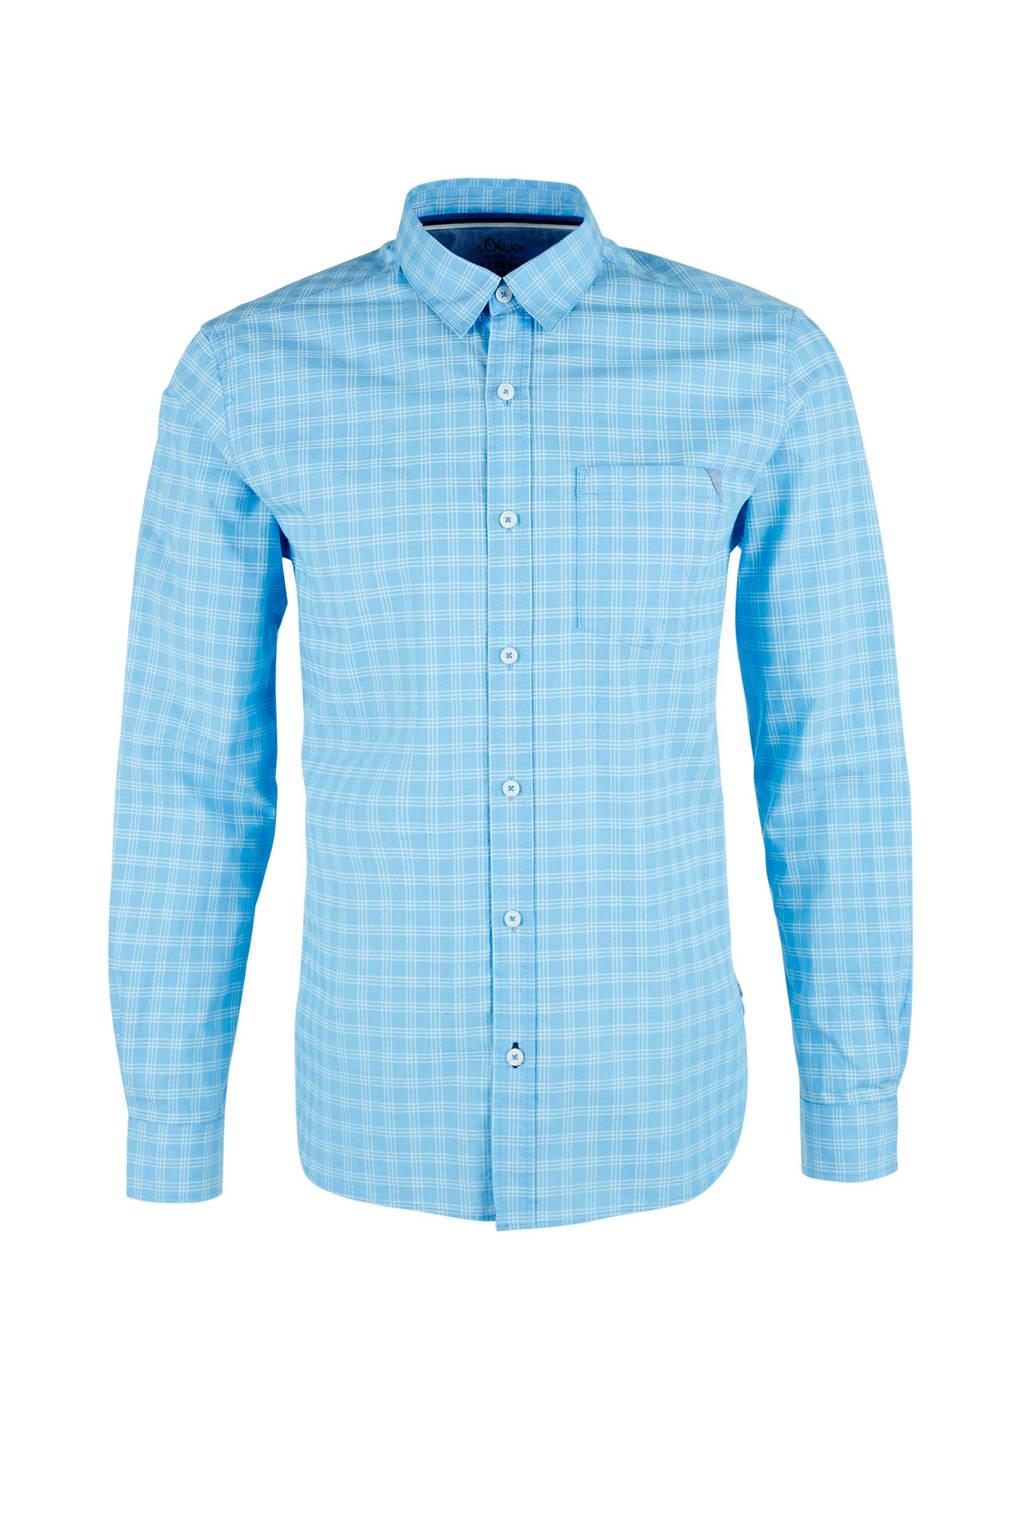 s.Oliver overhemd, Lichtblauw